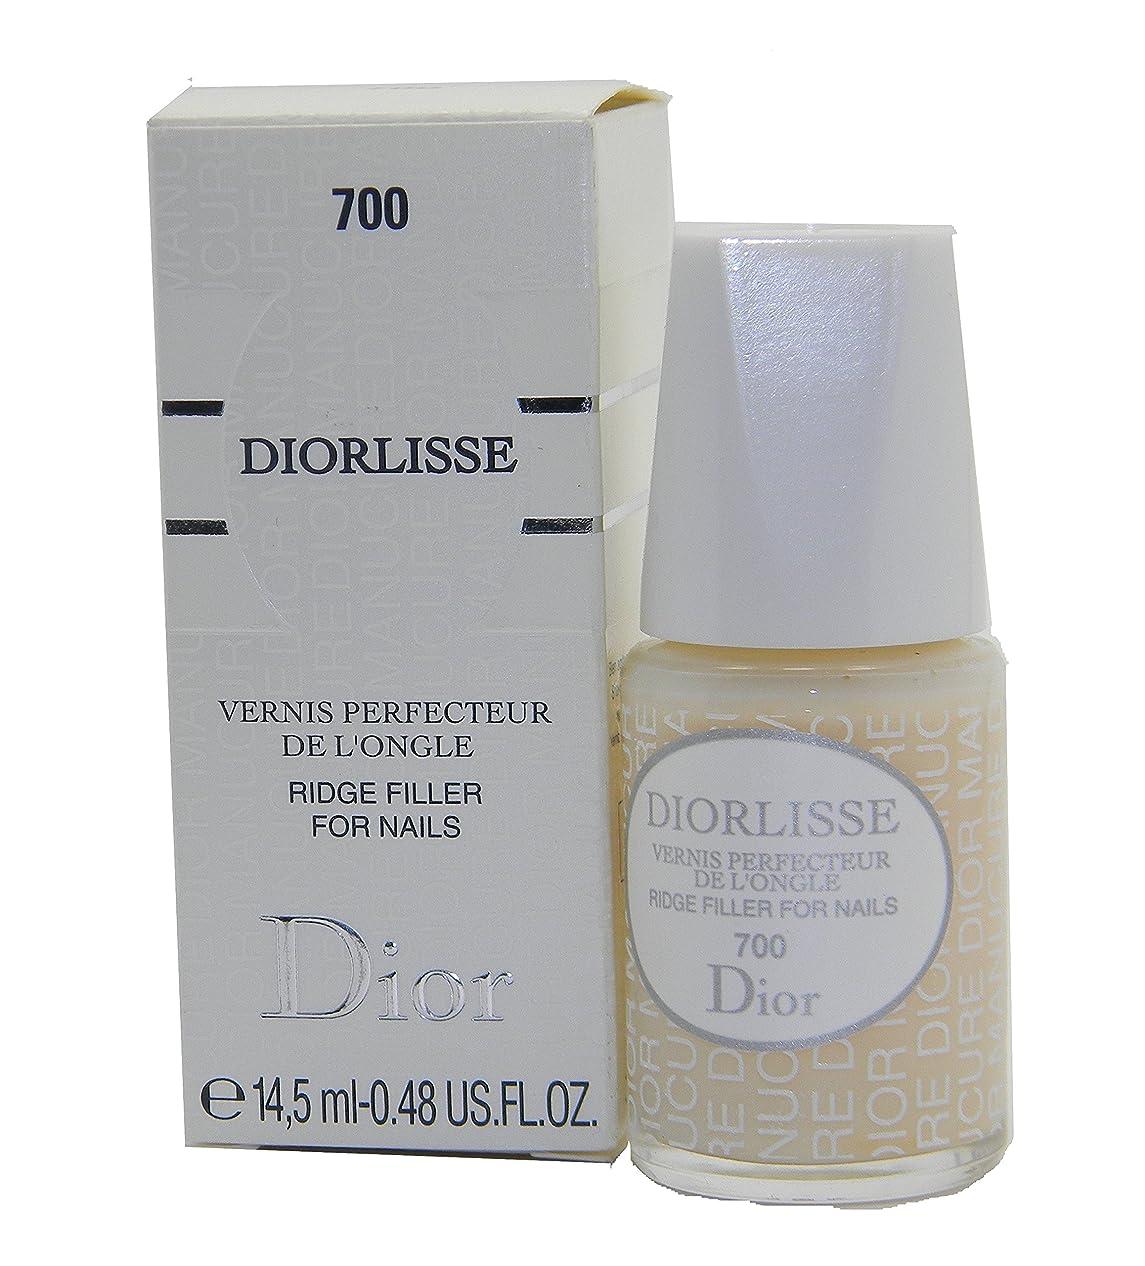 不正直チョップアイザックDior Diorlisse Ridge Filler For Nail 700(ディオールリス リッジフィラー フォーネイル 700)[海外直送品] [並行輸入品]